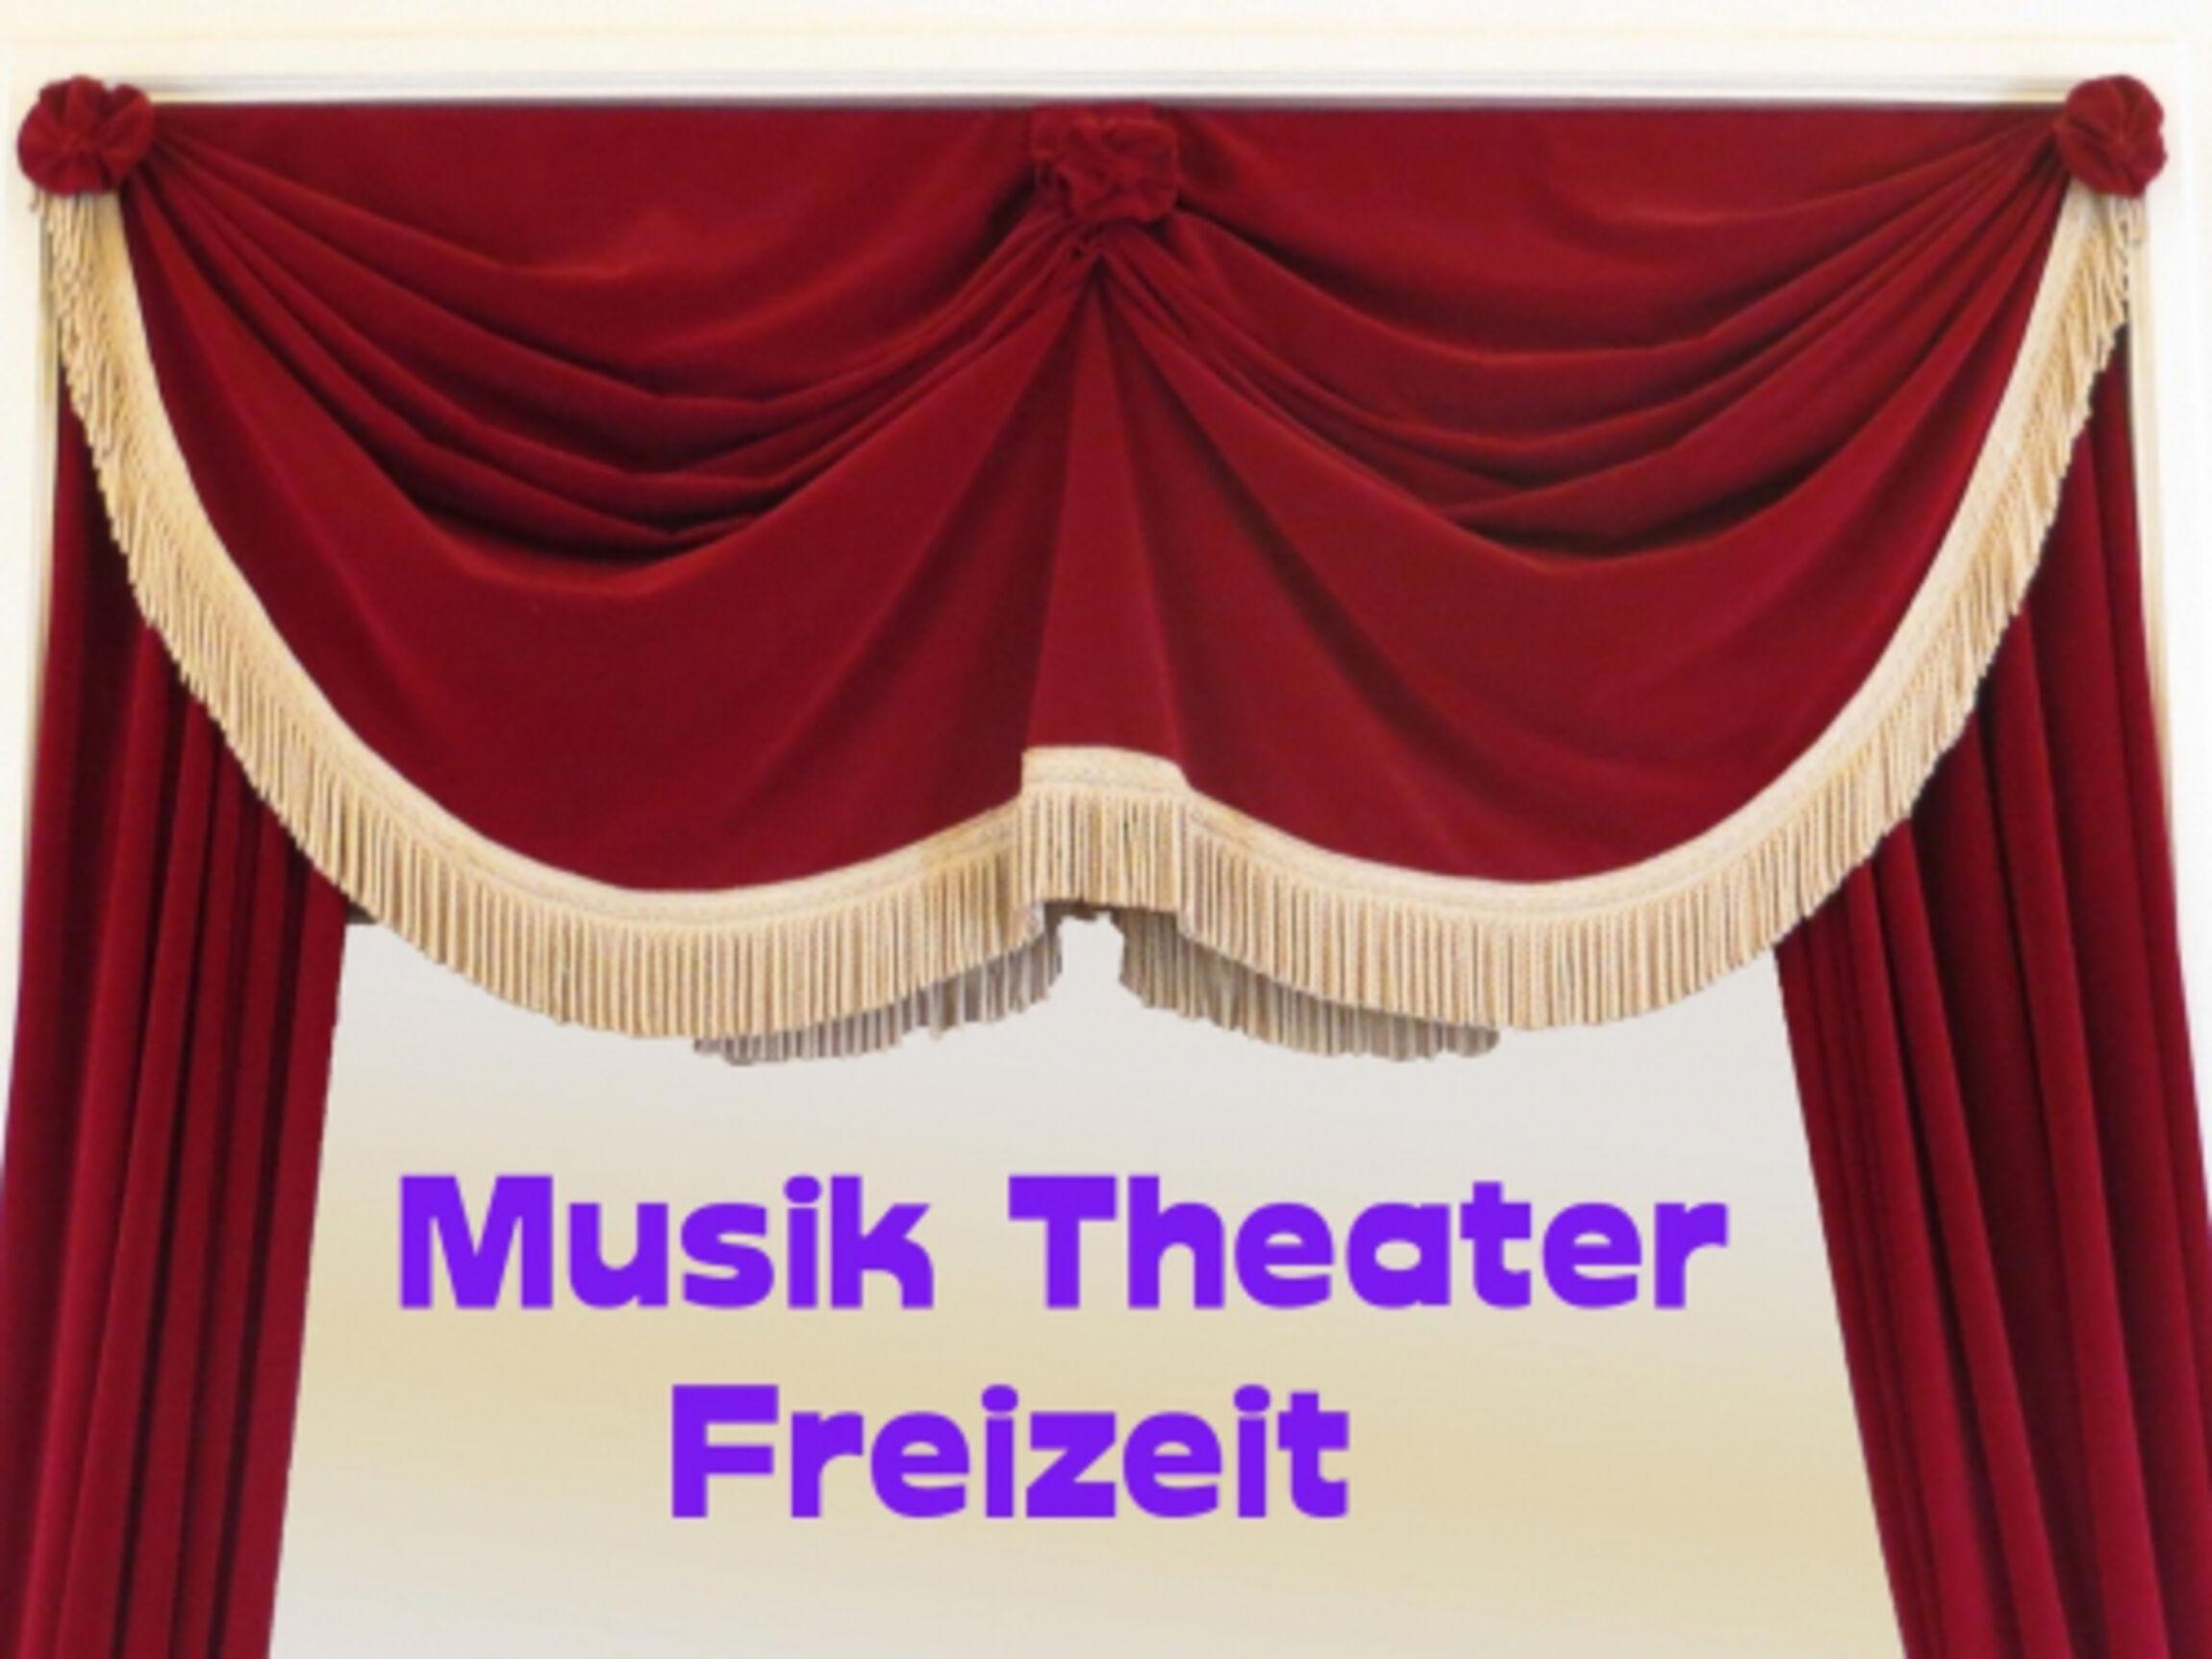 Musik-Theater-Freizeit